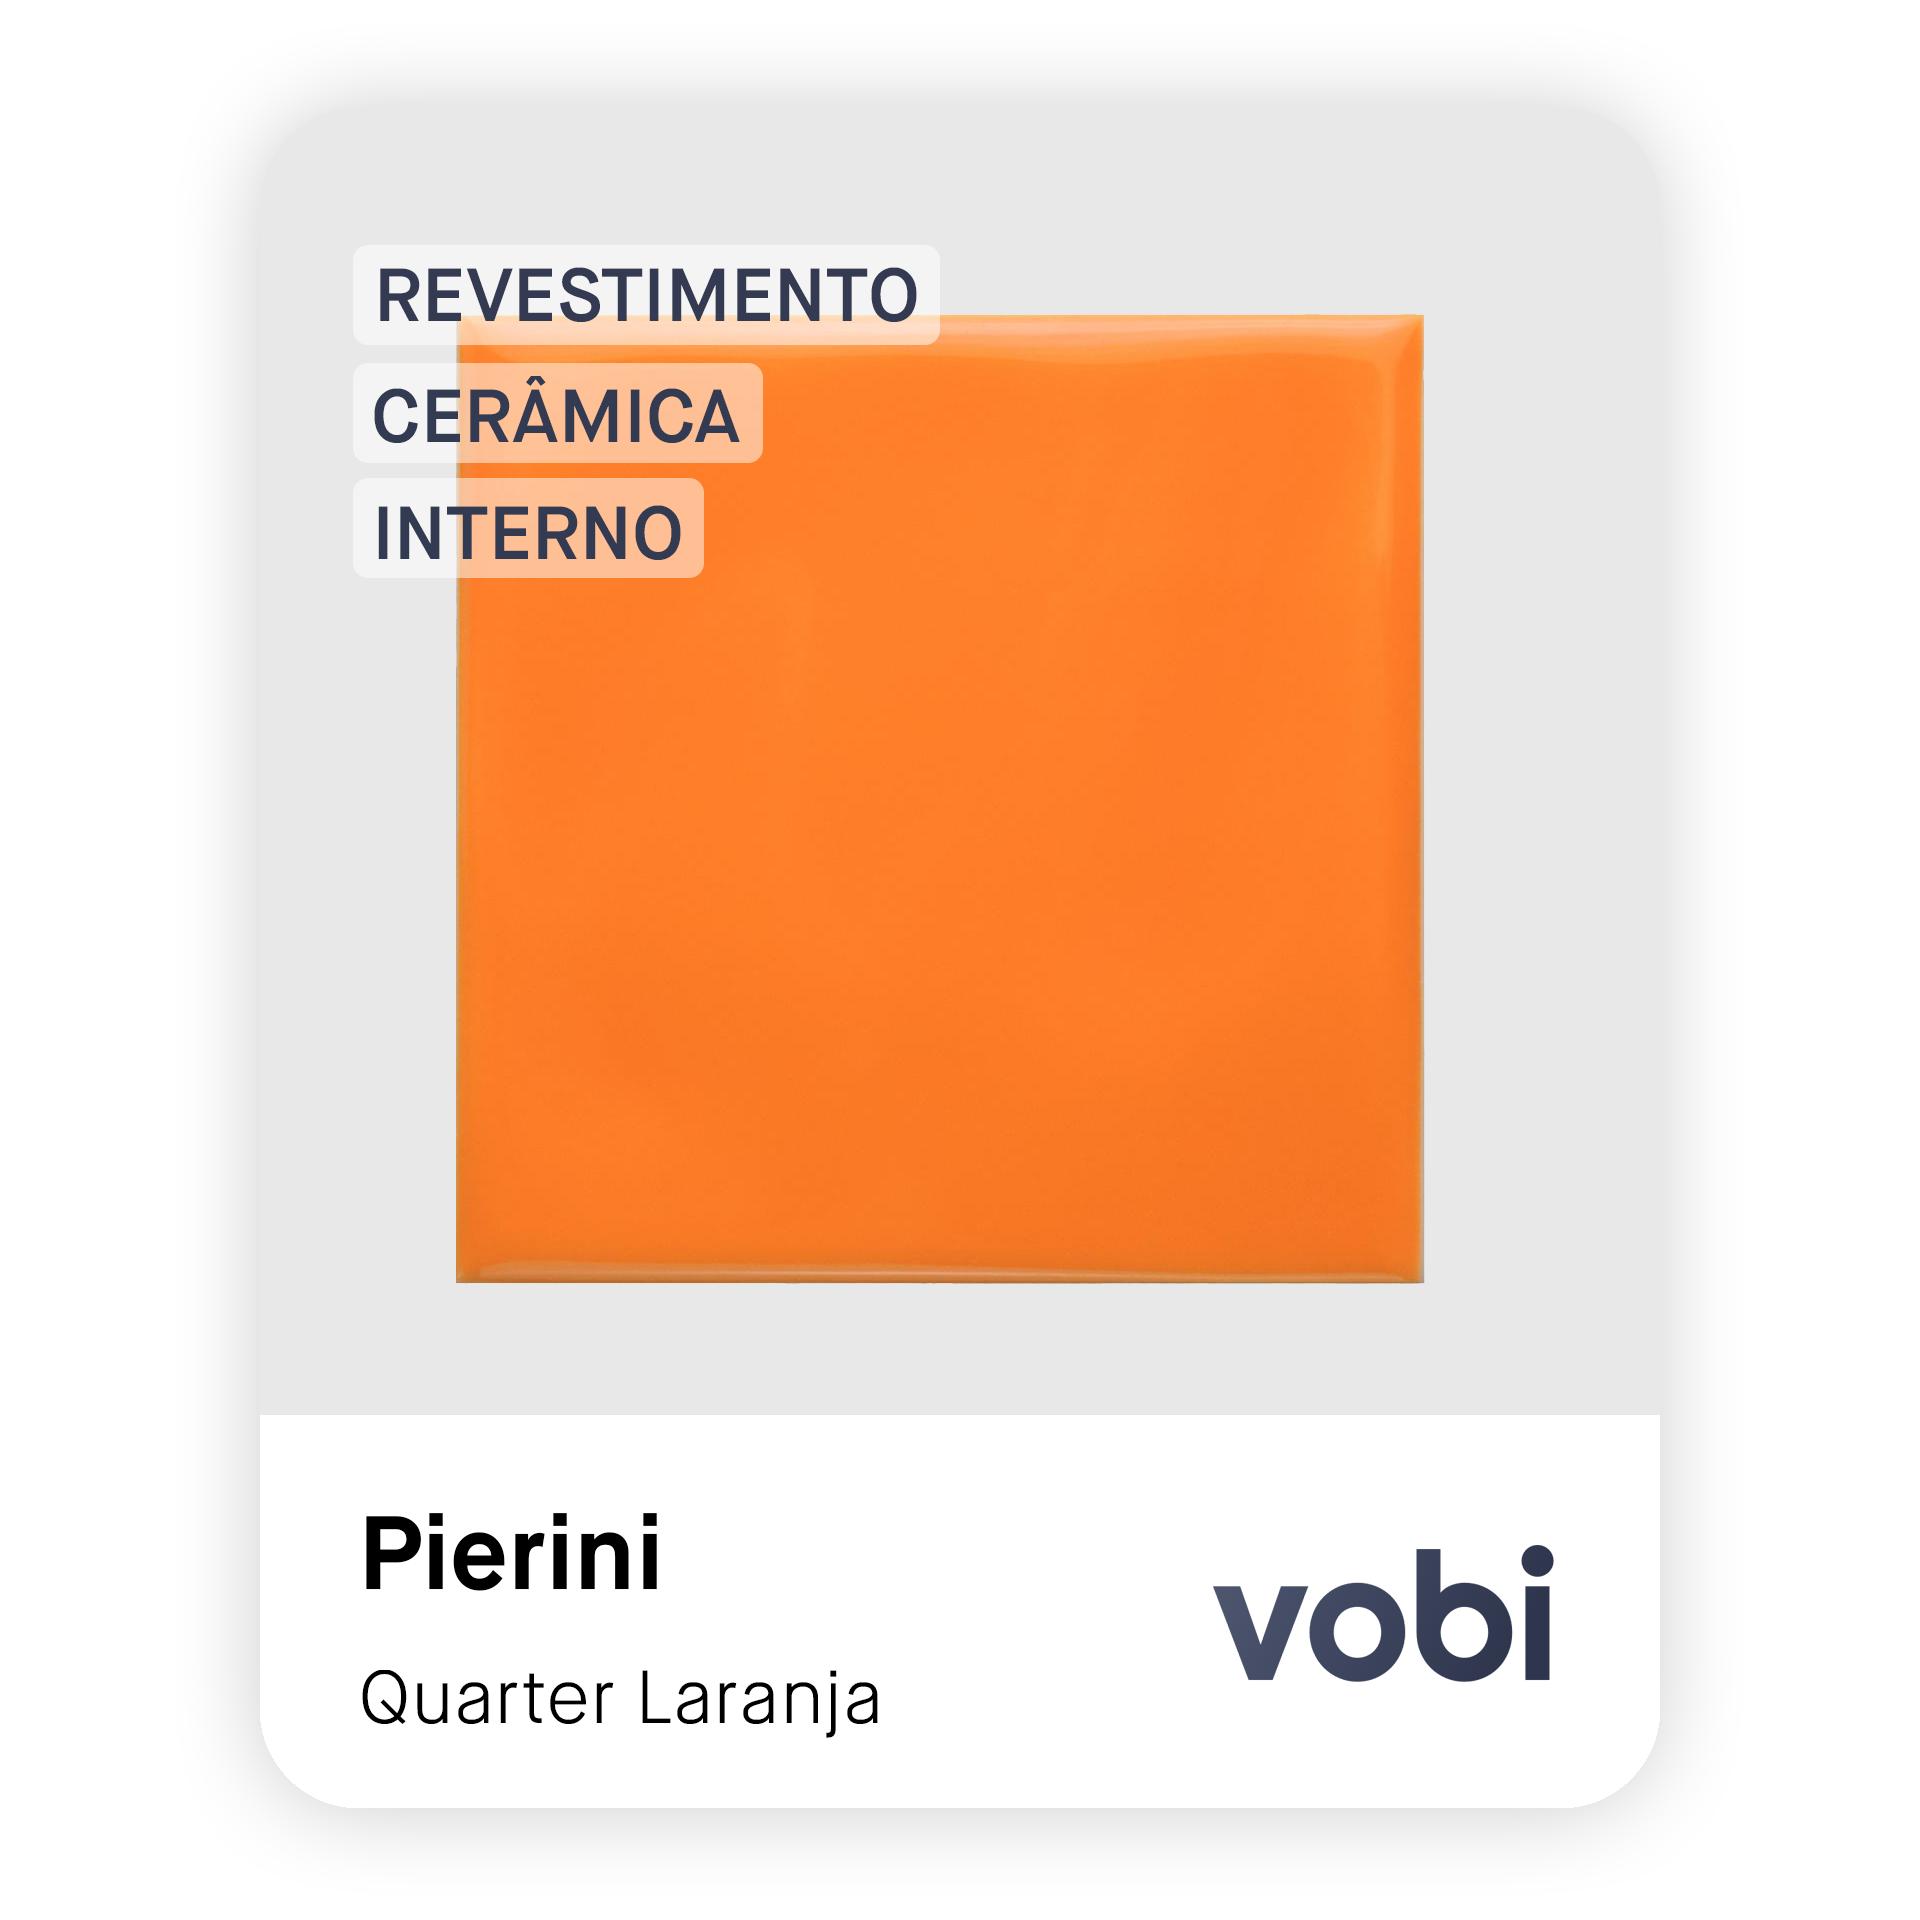 revestimento cerâmica laranja interno